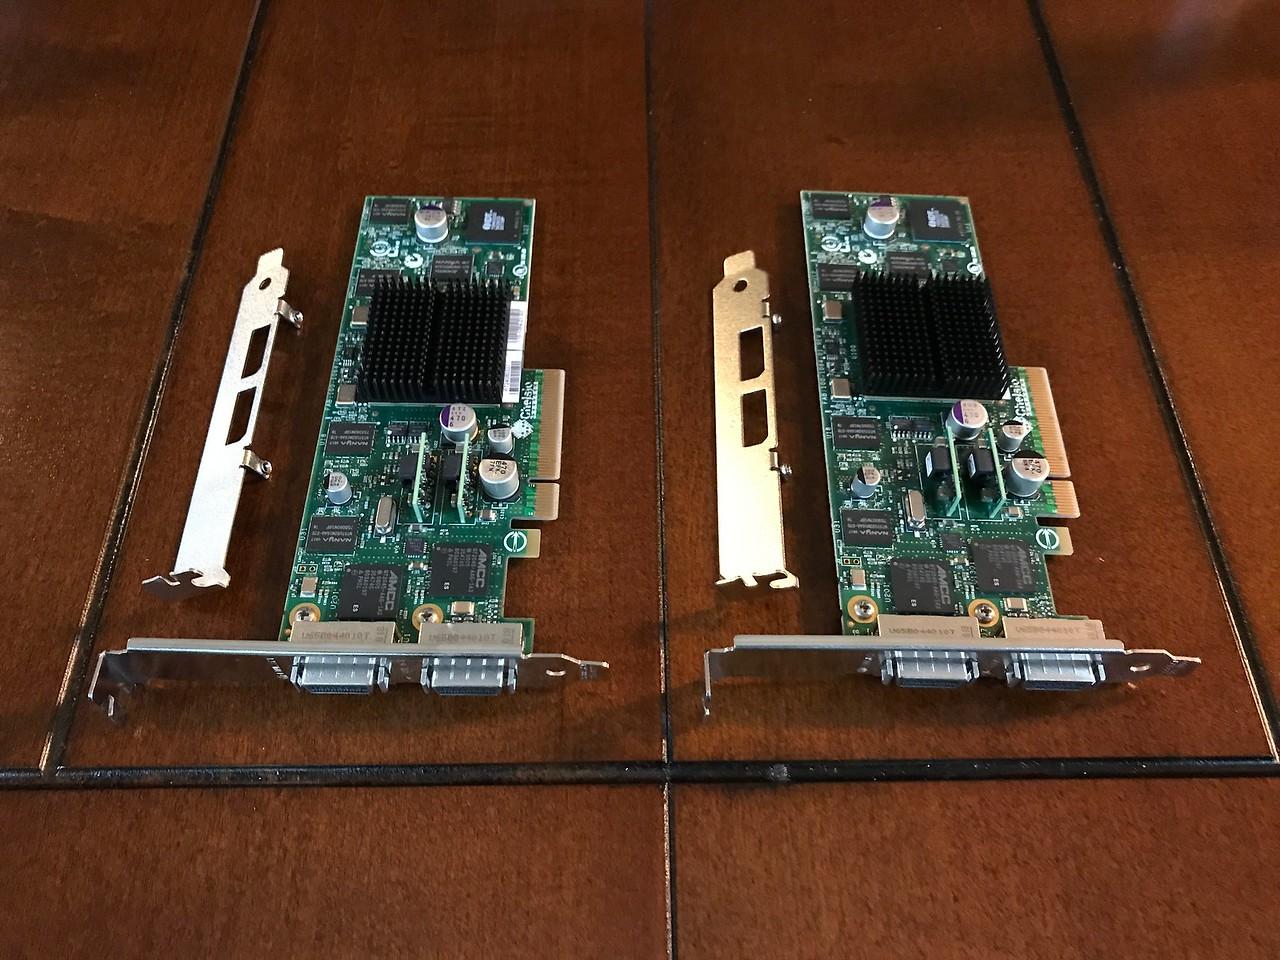 2x Chelsio S320E-CX4 10GBe cards